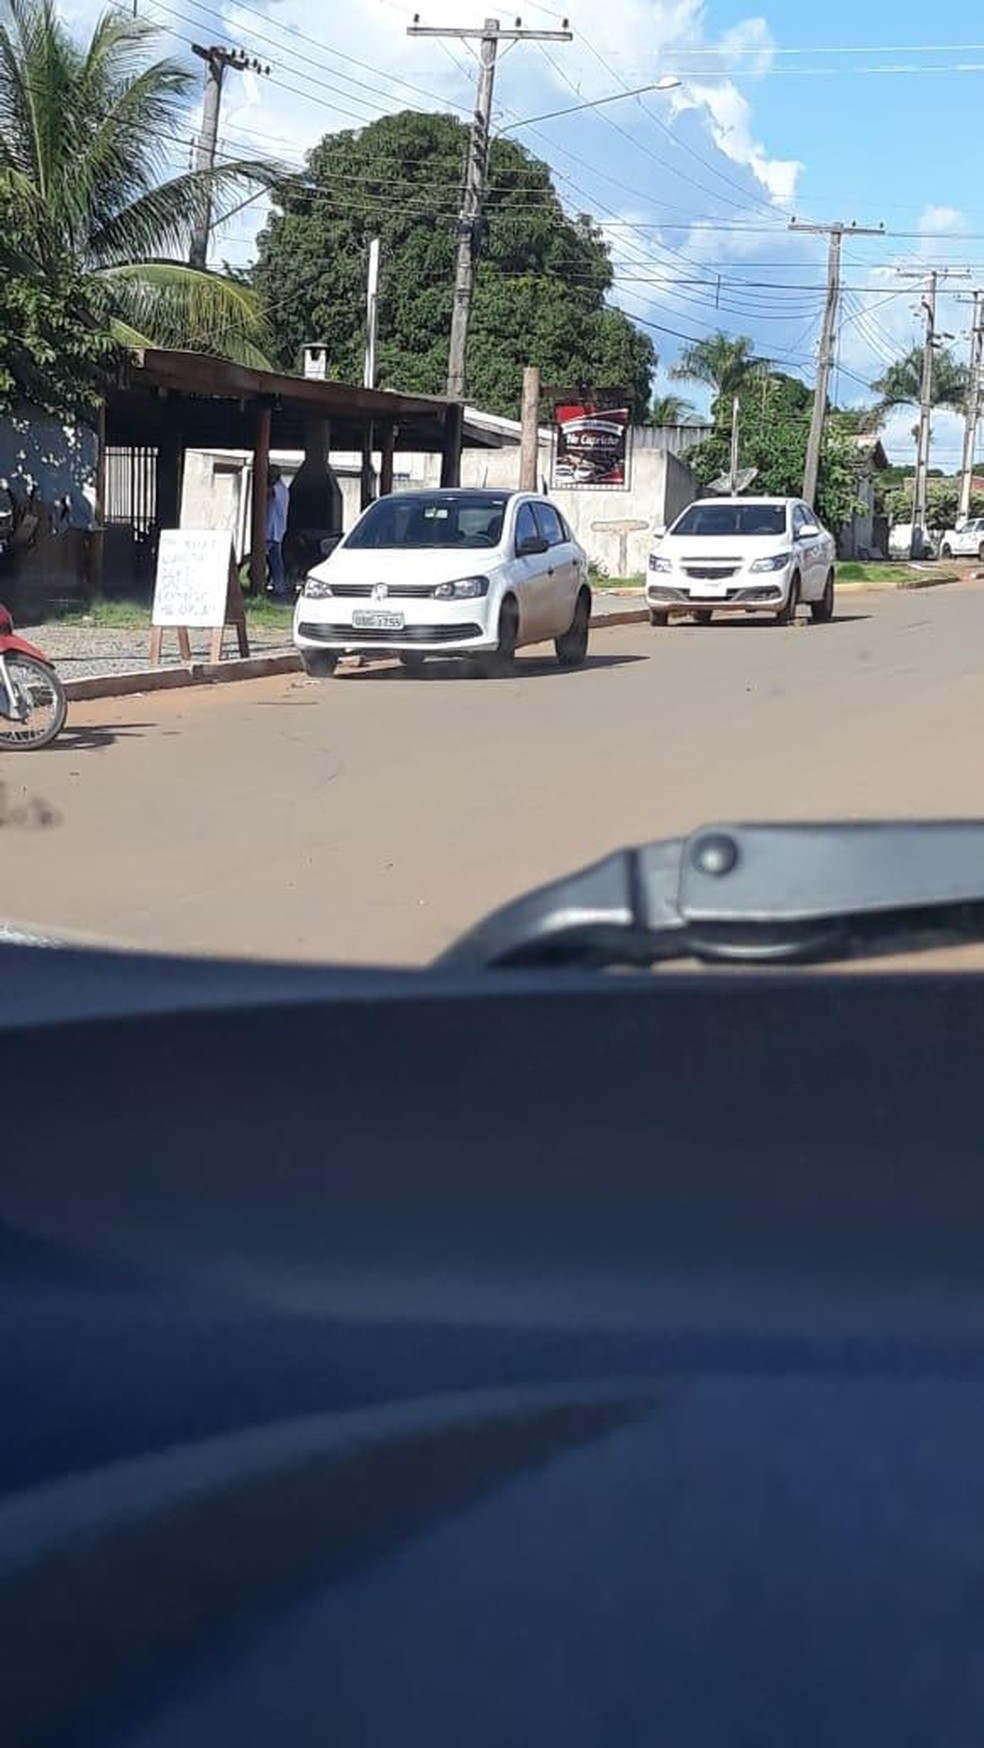 Vereadora foi flagrada dirigindo pelas ruas da cidade mesmo alegando estar com atestado médico — Foto: Divulgação